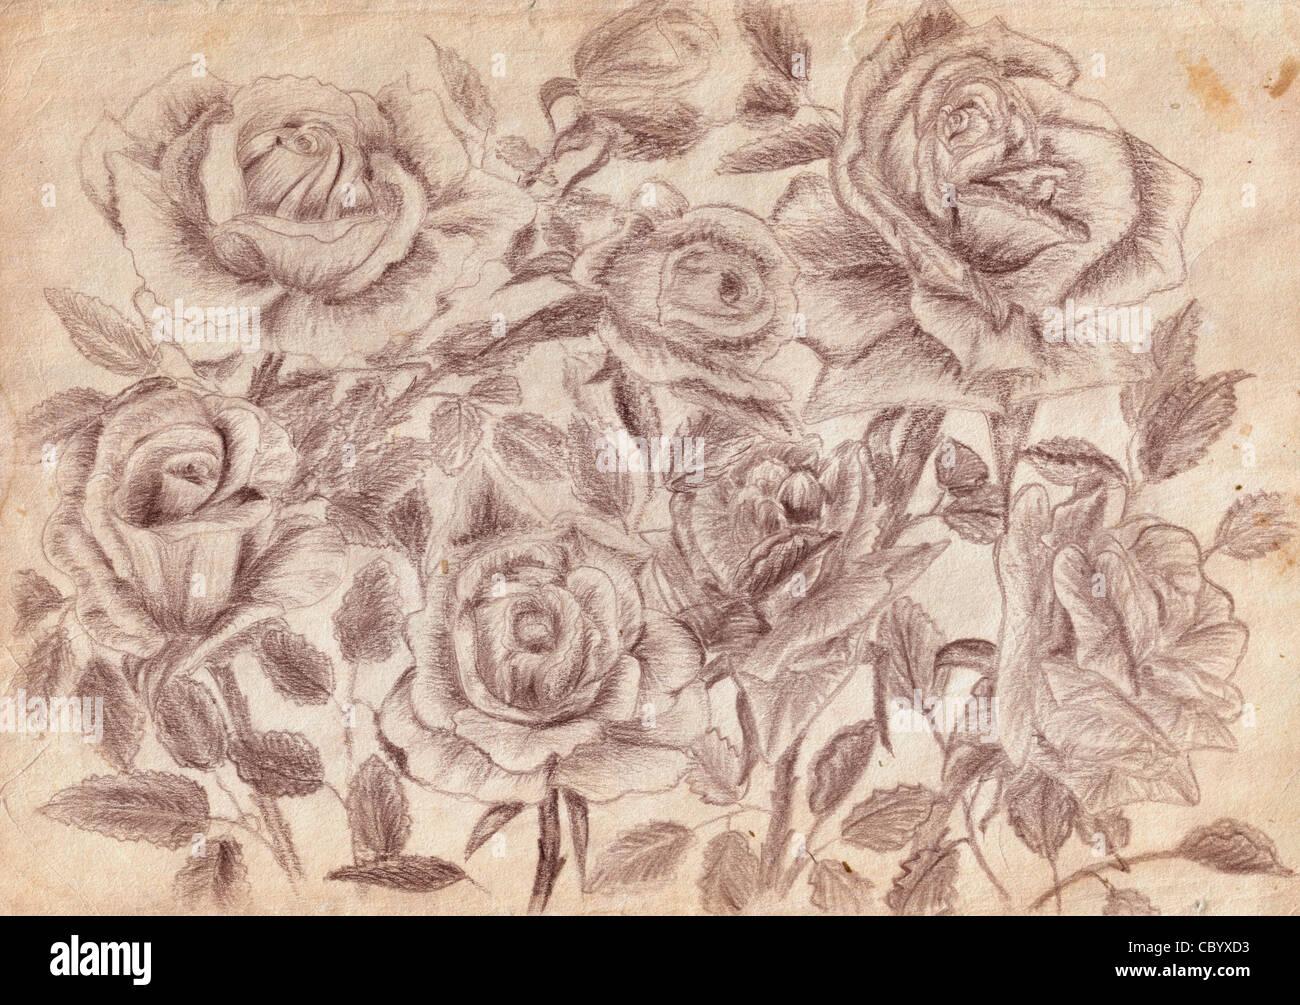 Rosen Auf Dem Alten Gelben Papier Mit Bleistift Zu Zeichnen